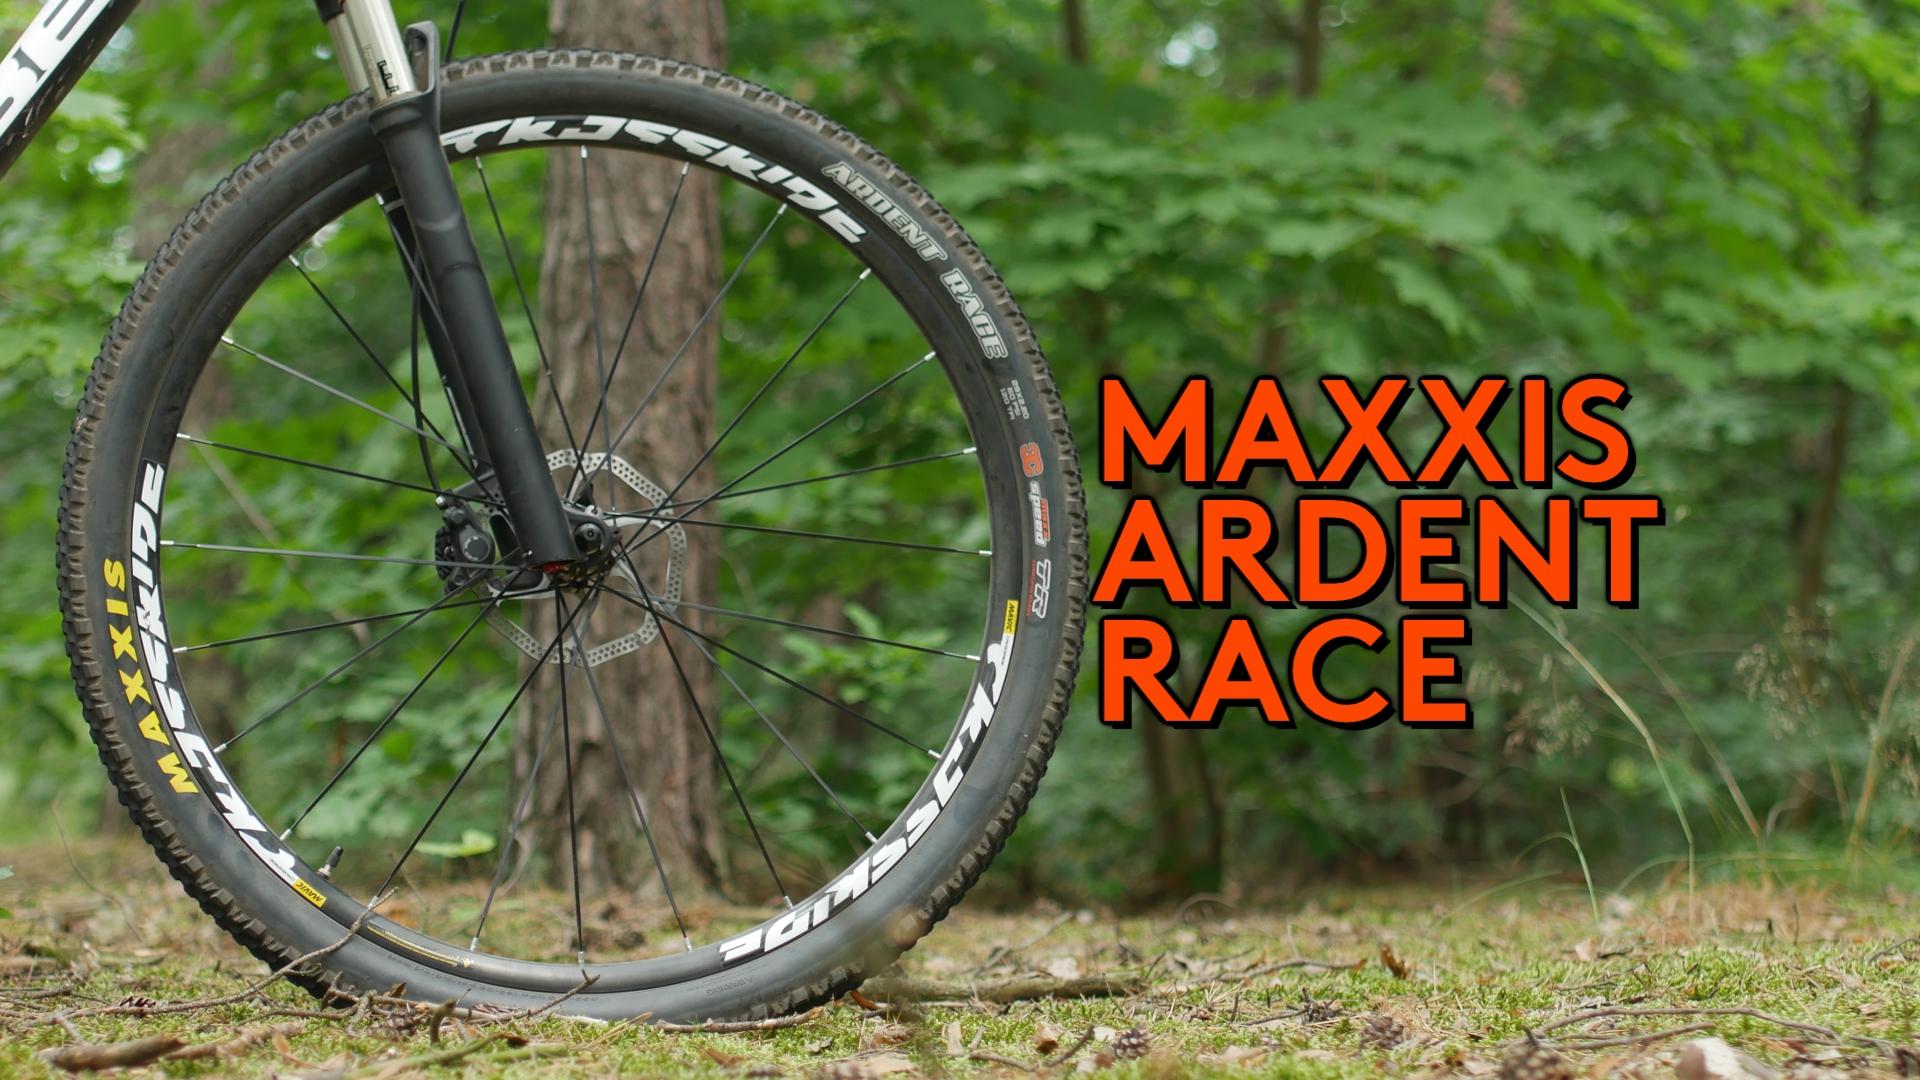 Maxxis Ardent Race 29″